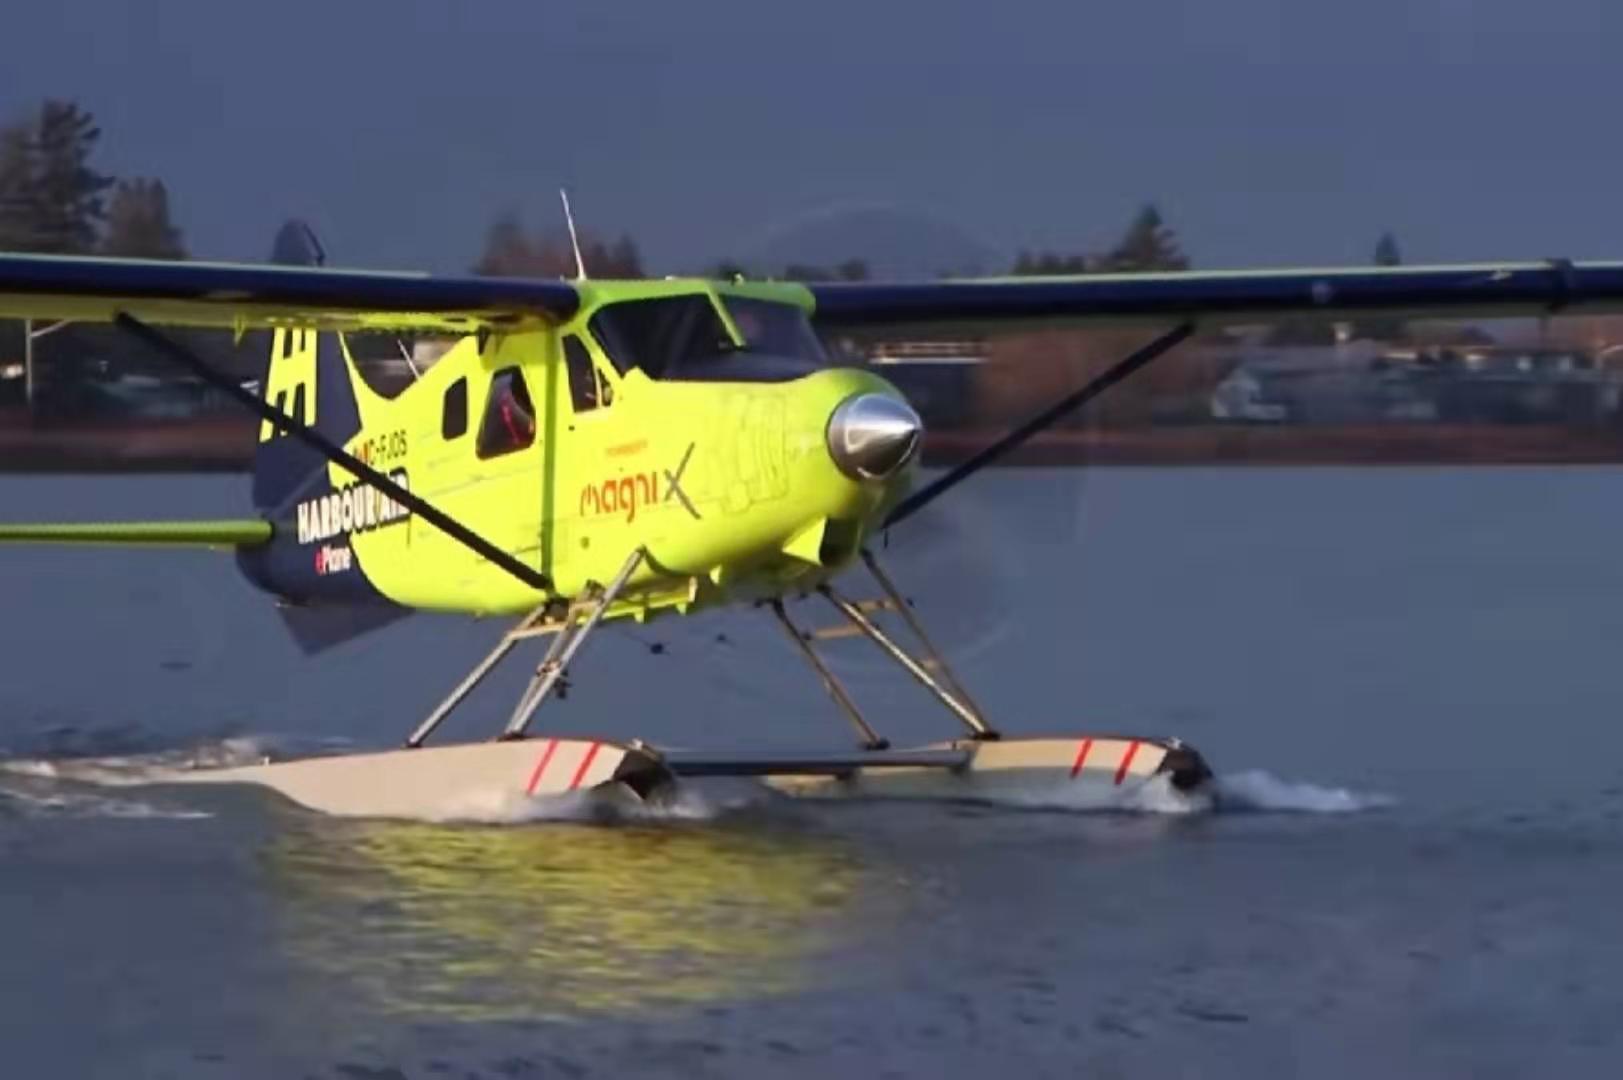 首架电动飞机首飞:电动航空时代来了全球首架商用电动飞机完成首飞